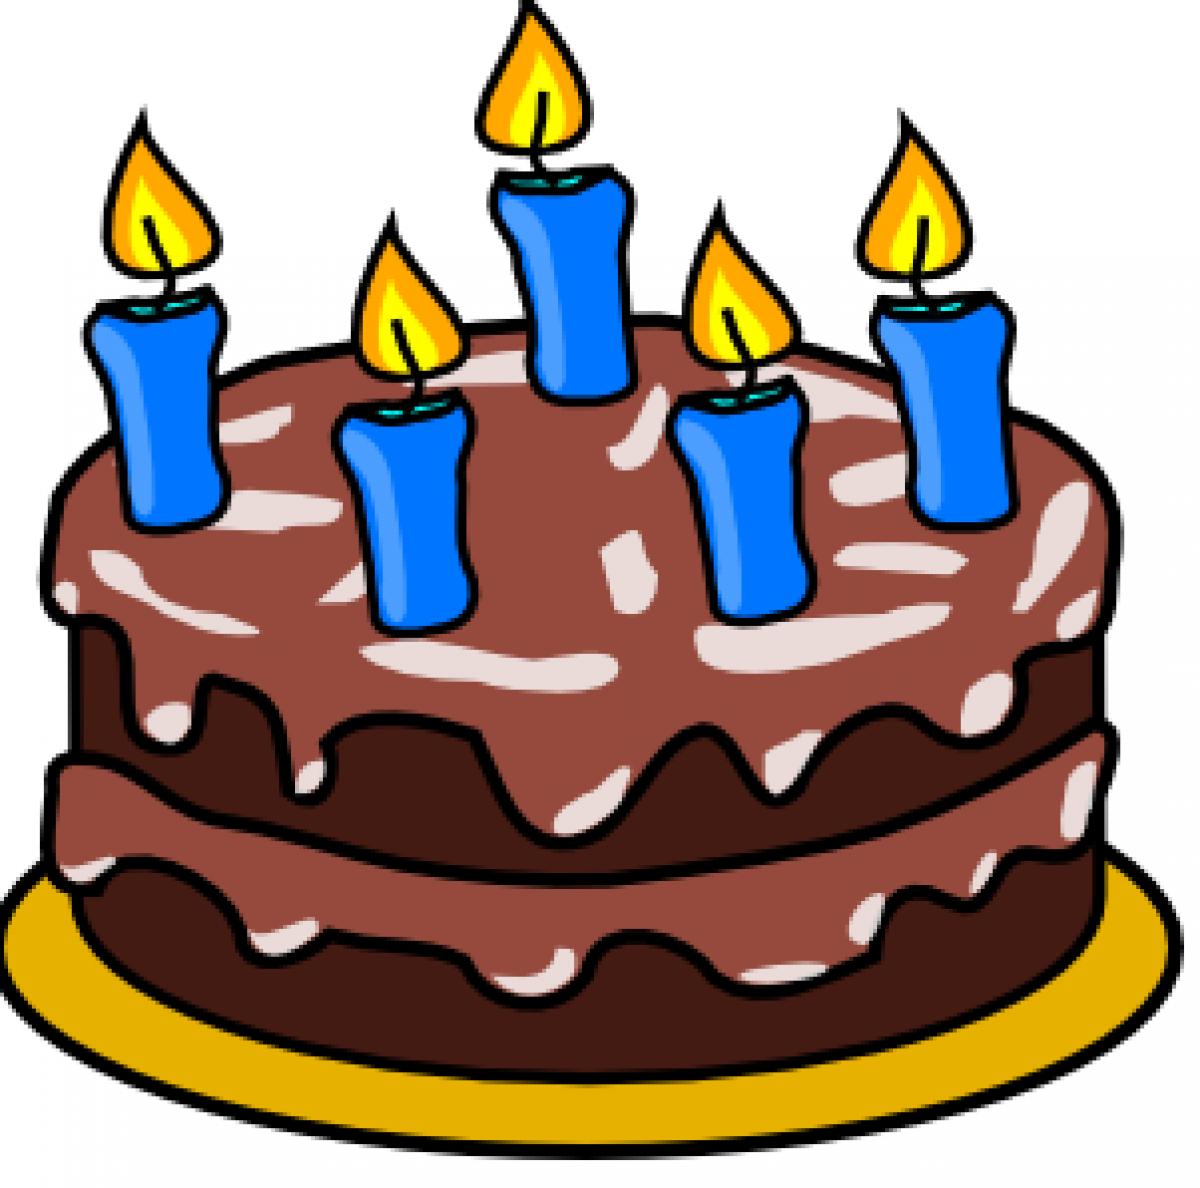 Όχι, δεν θα μιζεριάσω τα γενέθλια του παιδιού μου!